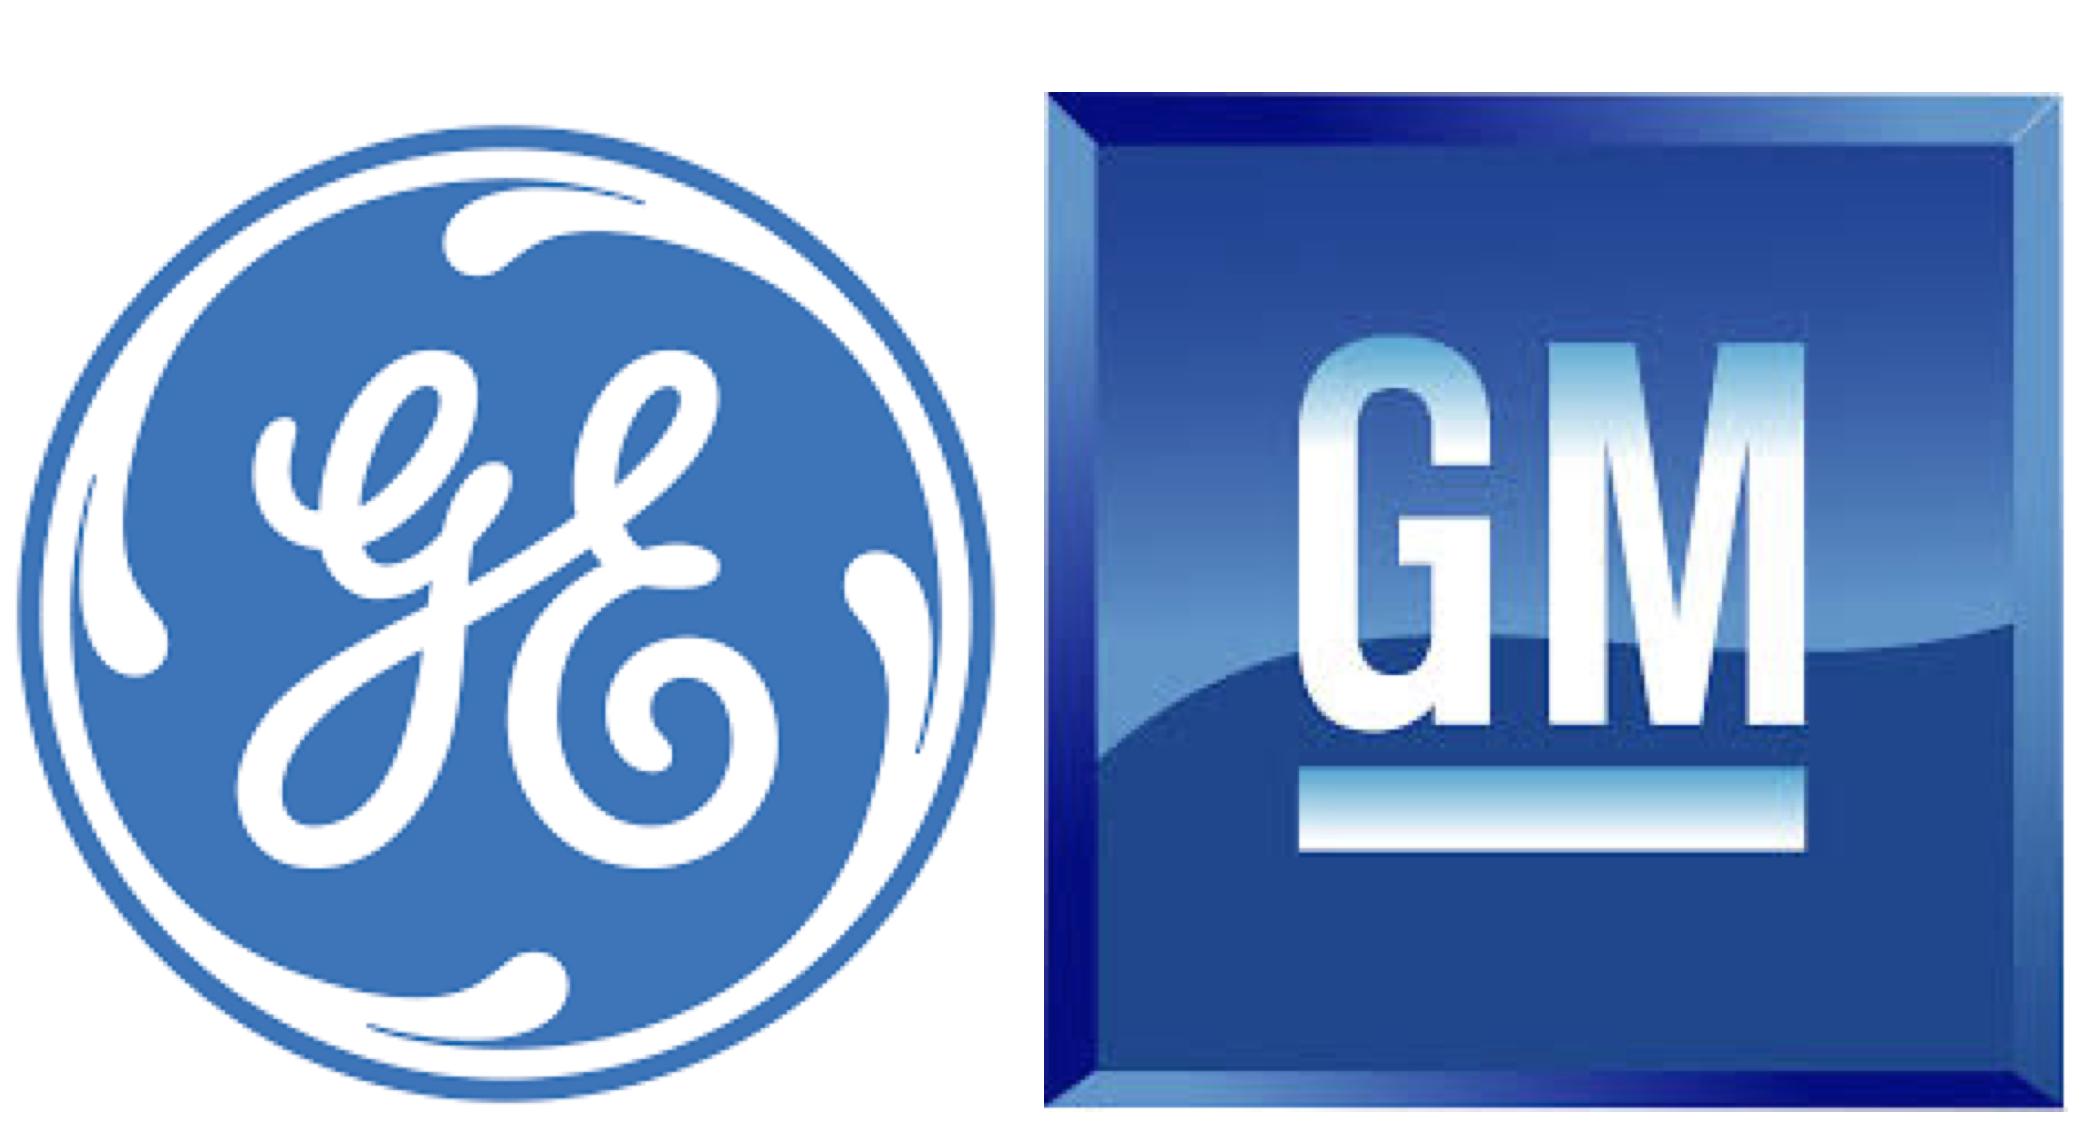 General Electric Stock Vs. General Motors Stock.